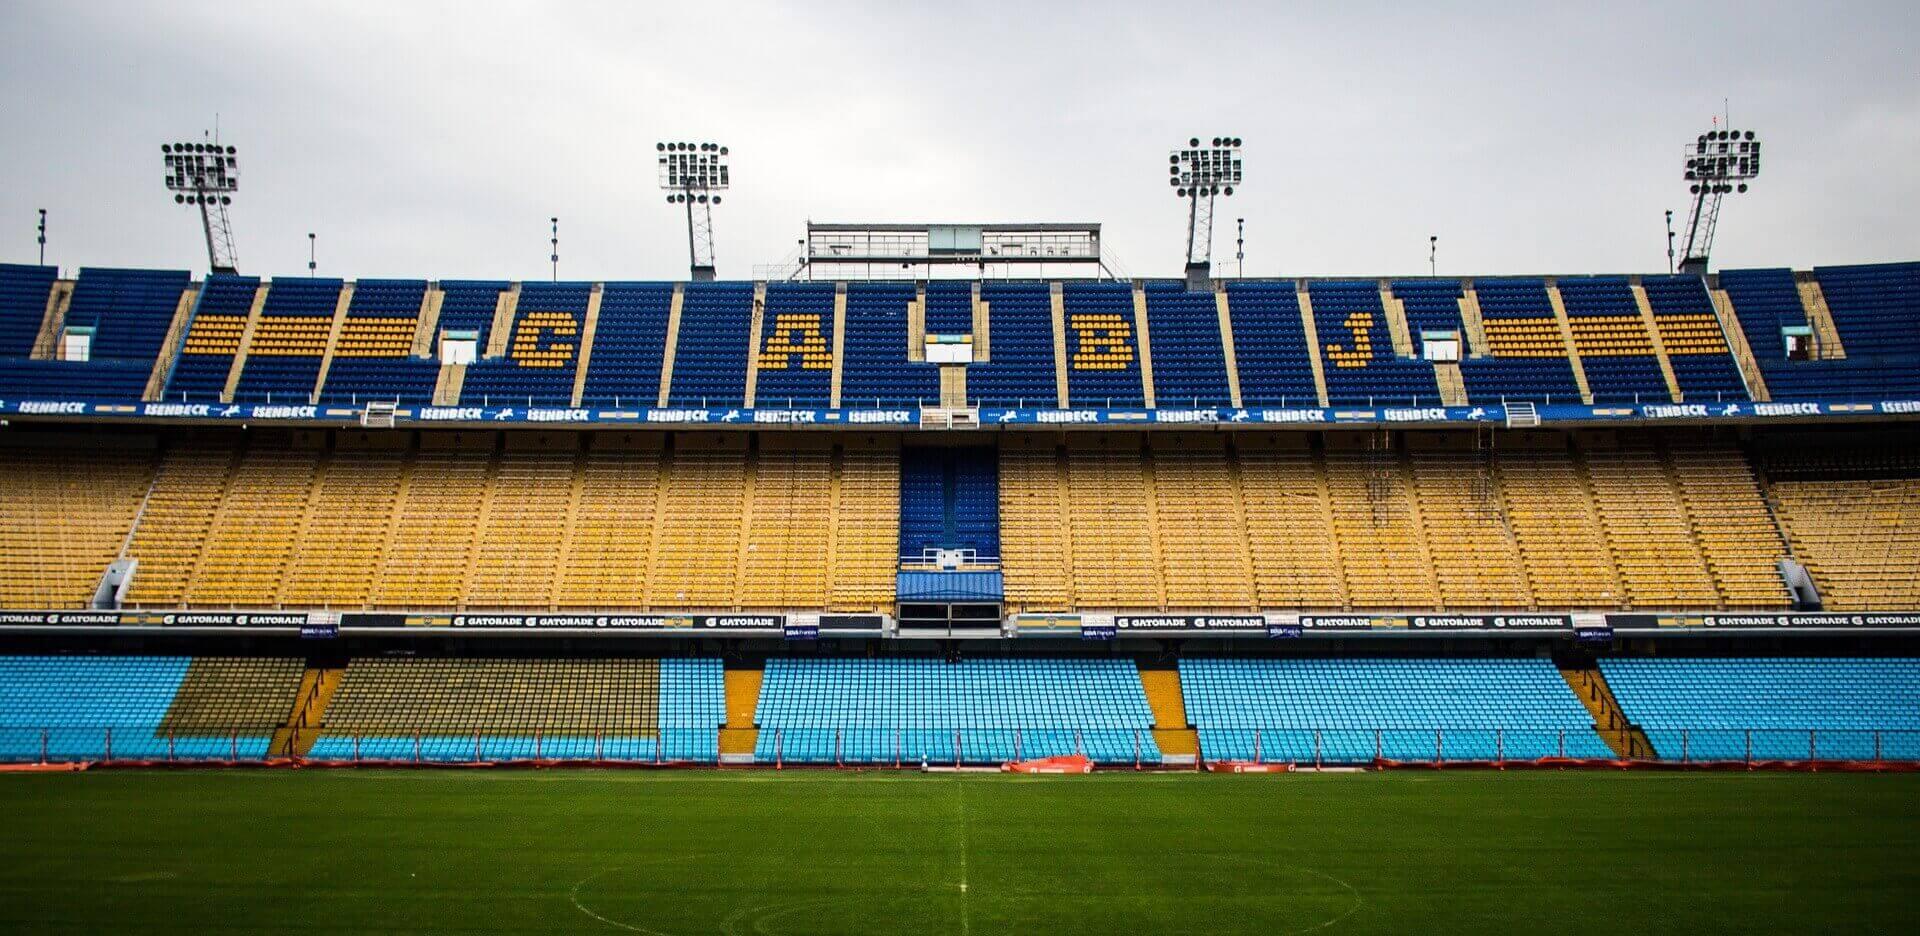 Boca Juniors stadion - Argentinie - Buenos Aires